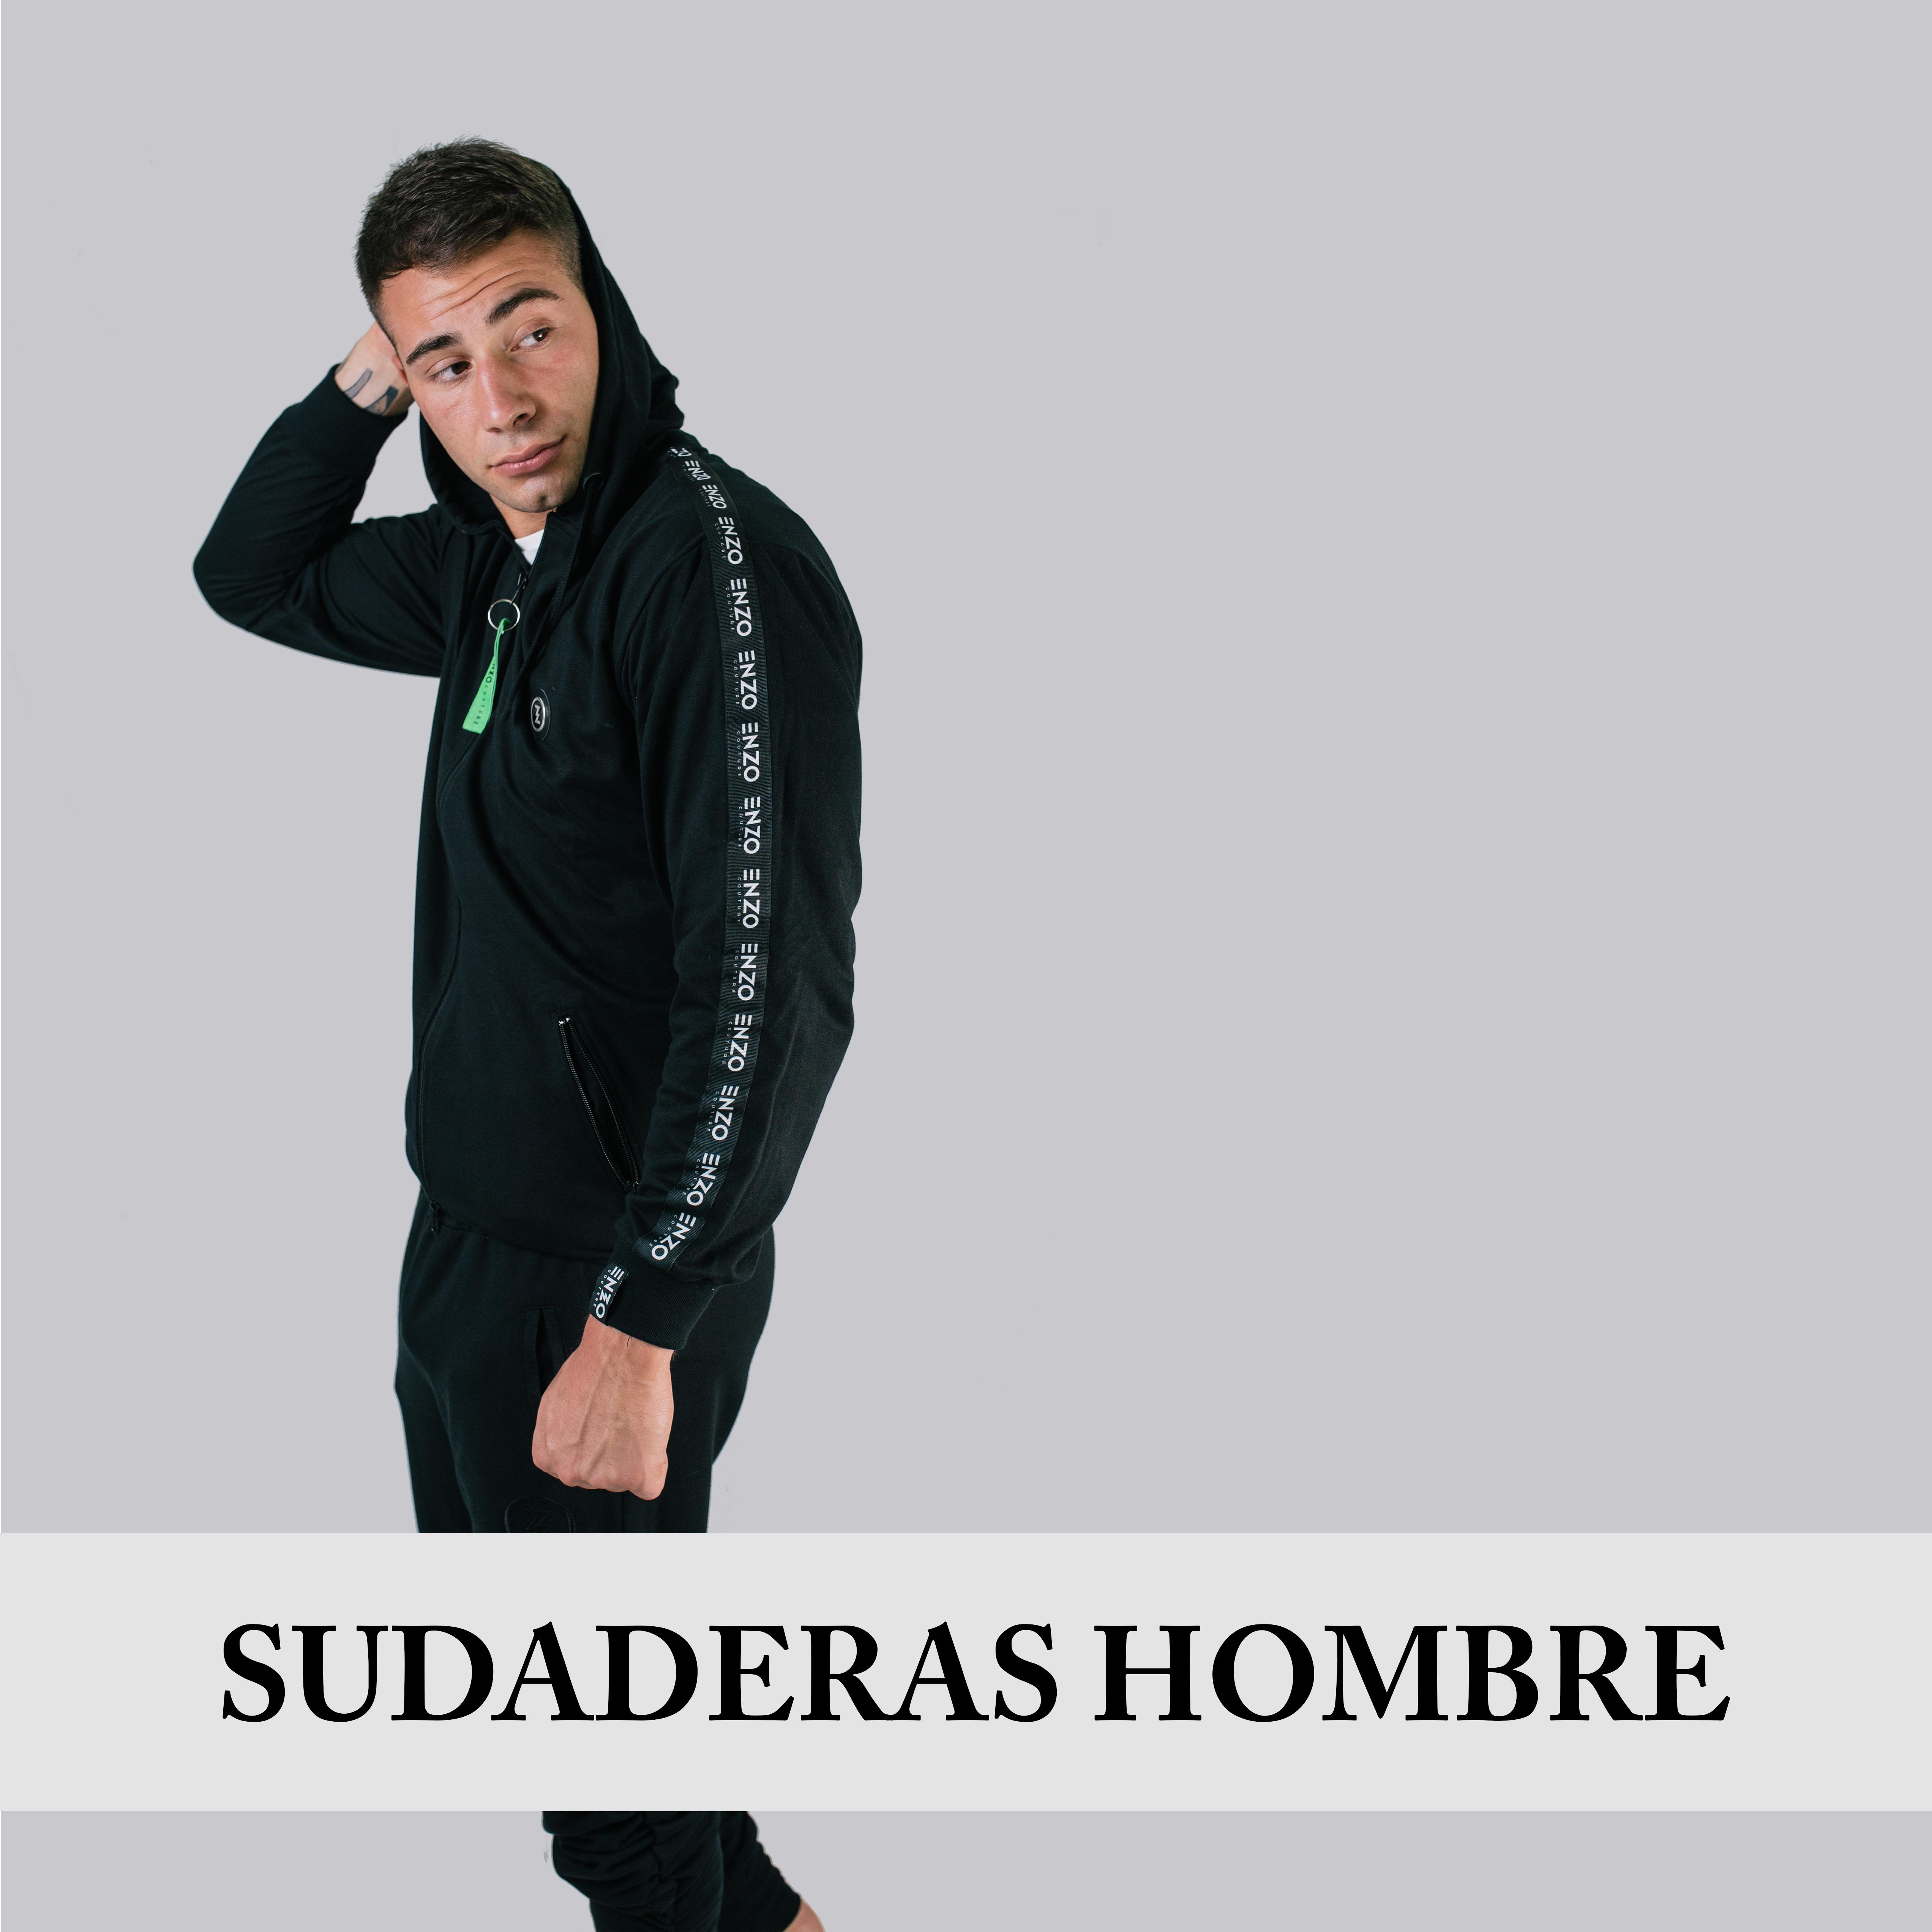 SUDADERAS HOMBRE